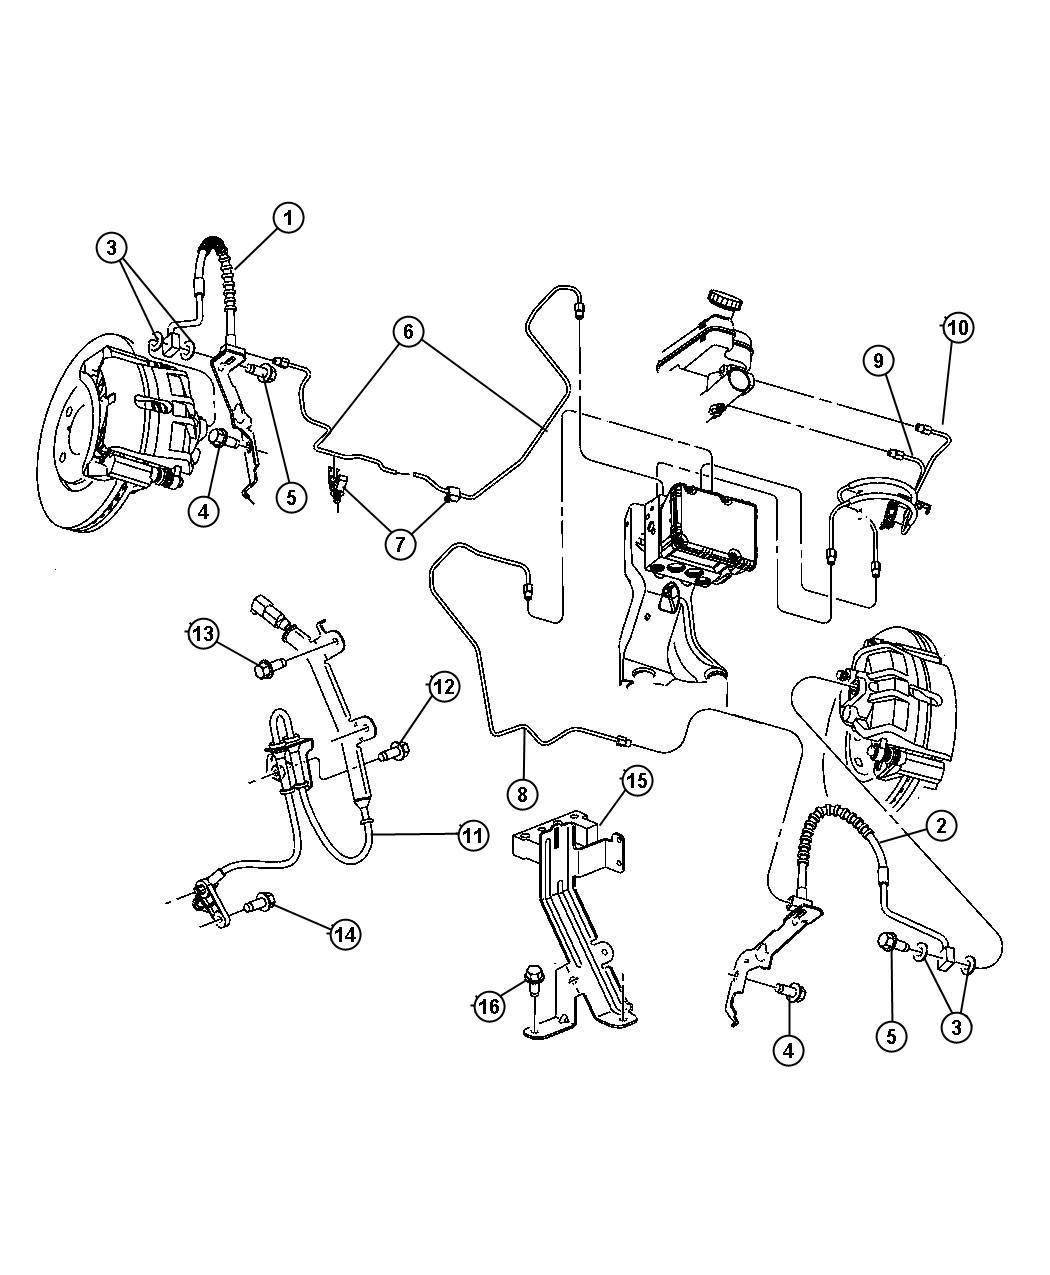 Service manual [2006 Dodge Caravan Brake Line Replacement